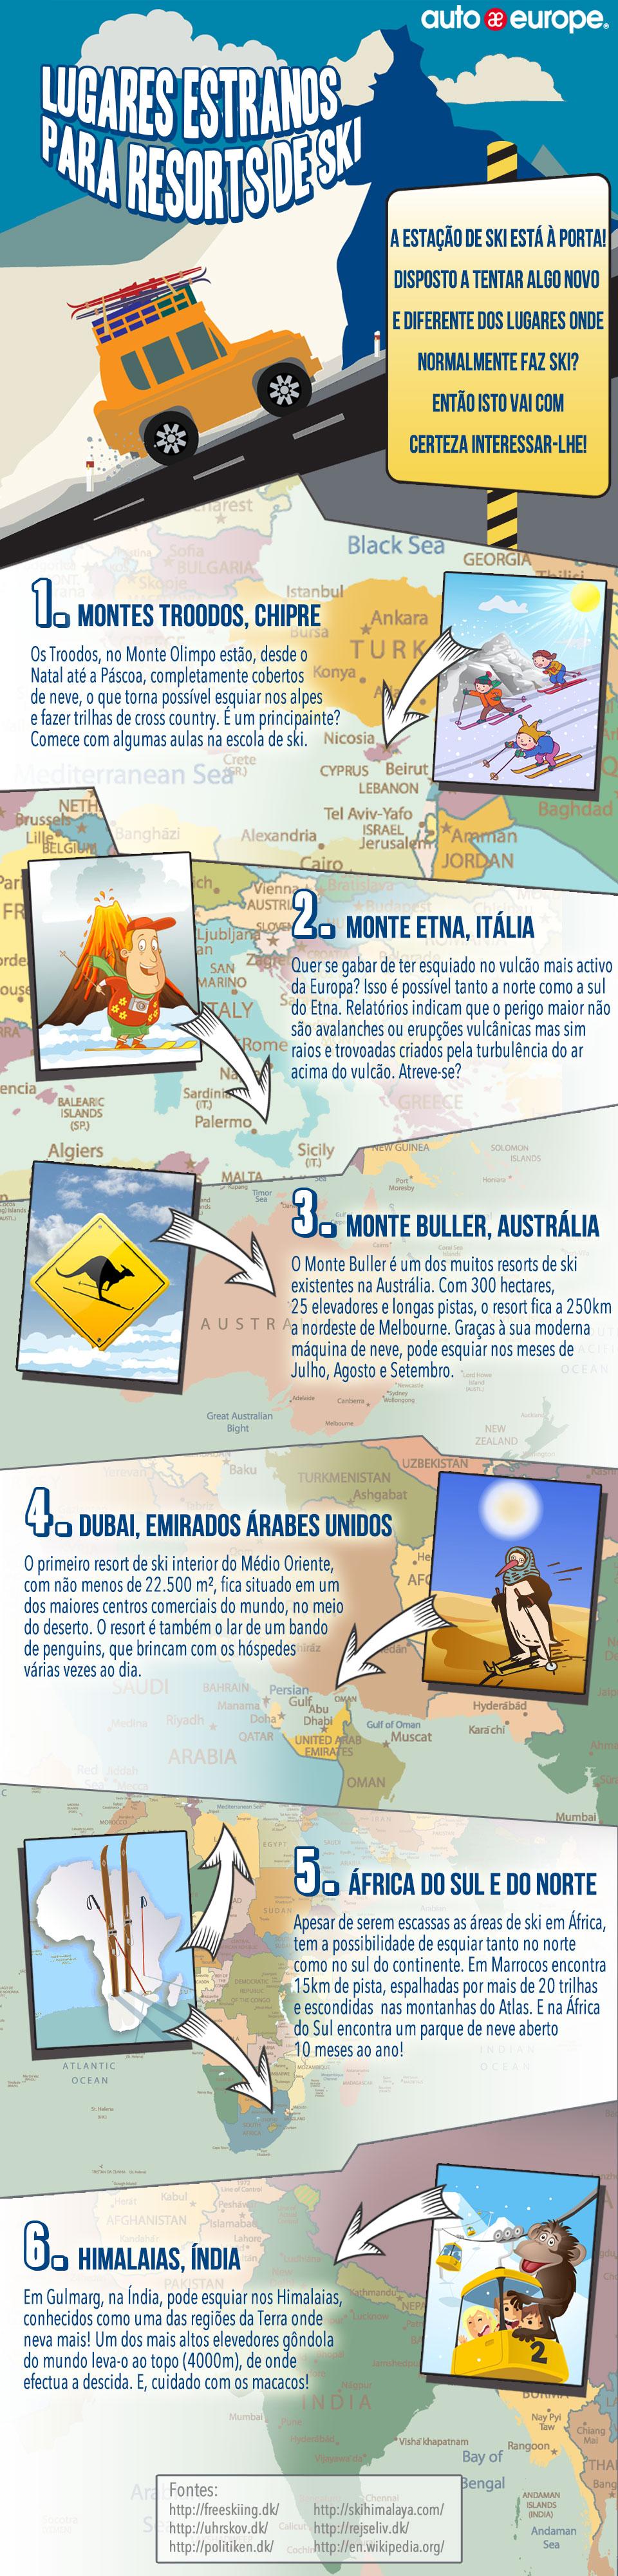 Infográfico: Lugares estranhos para resorts de ski